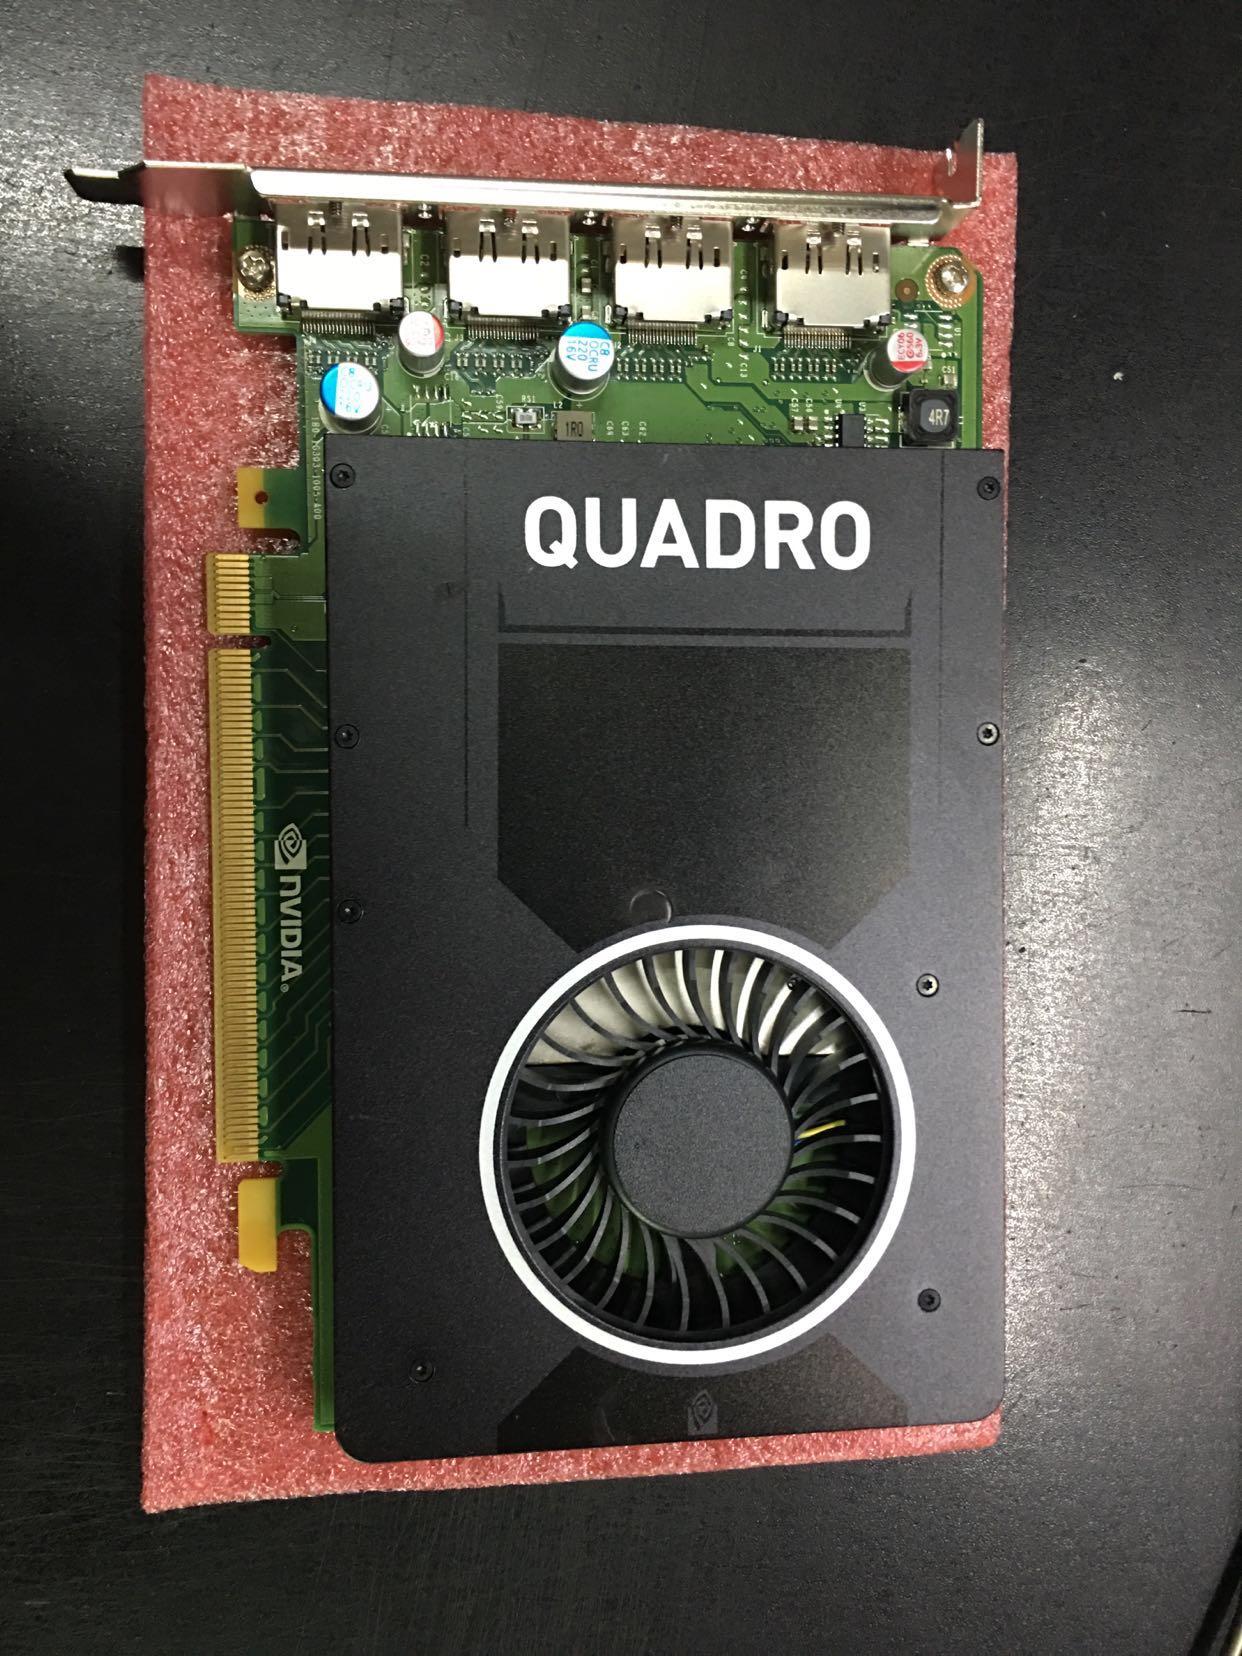 10-09新券惠普原装配件quadro m2000 4g显卡